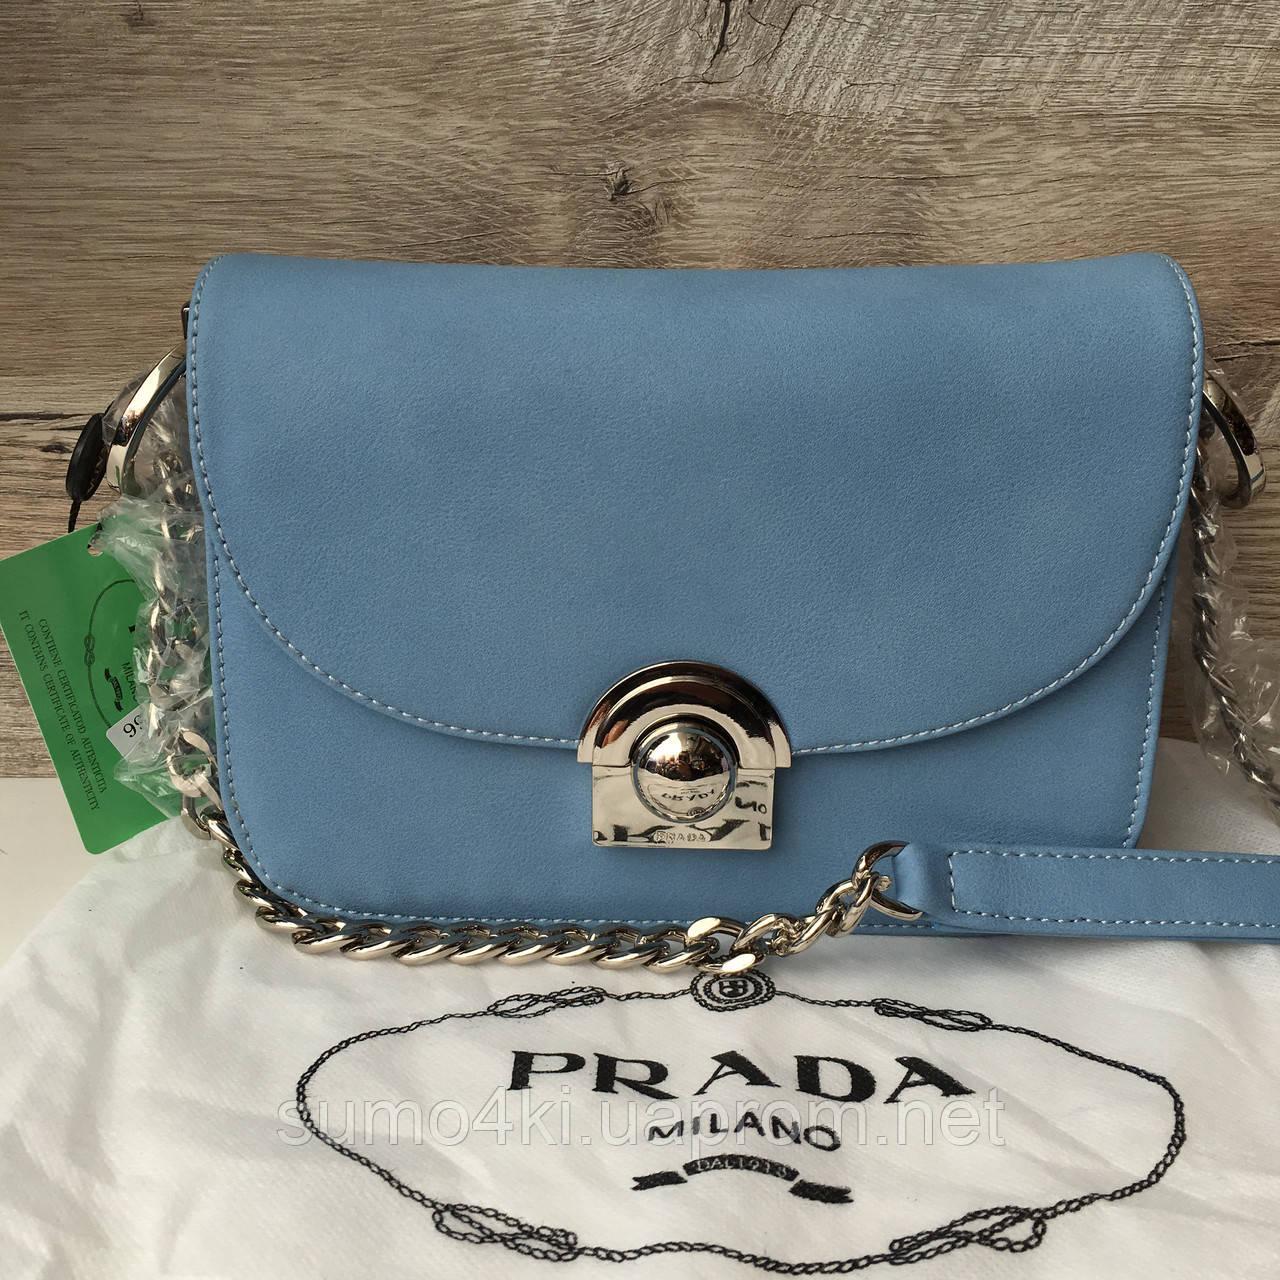 7872b8adb77c Женская сумка клатч Prada прада Красная Голубая пудровая белая -  Интернет-магазин «Галерея Сумок